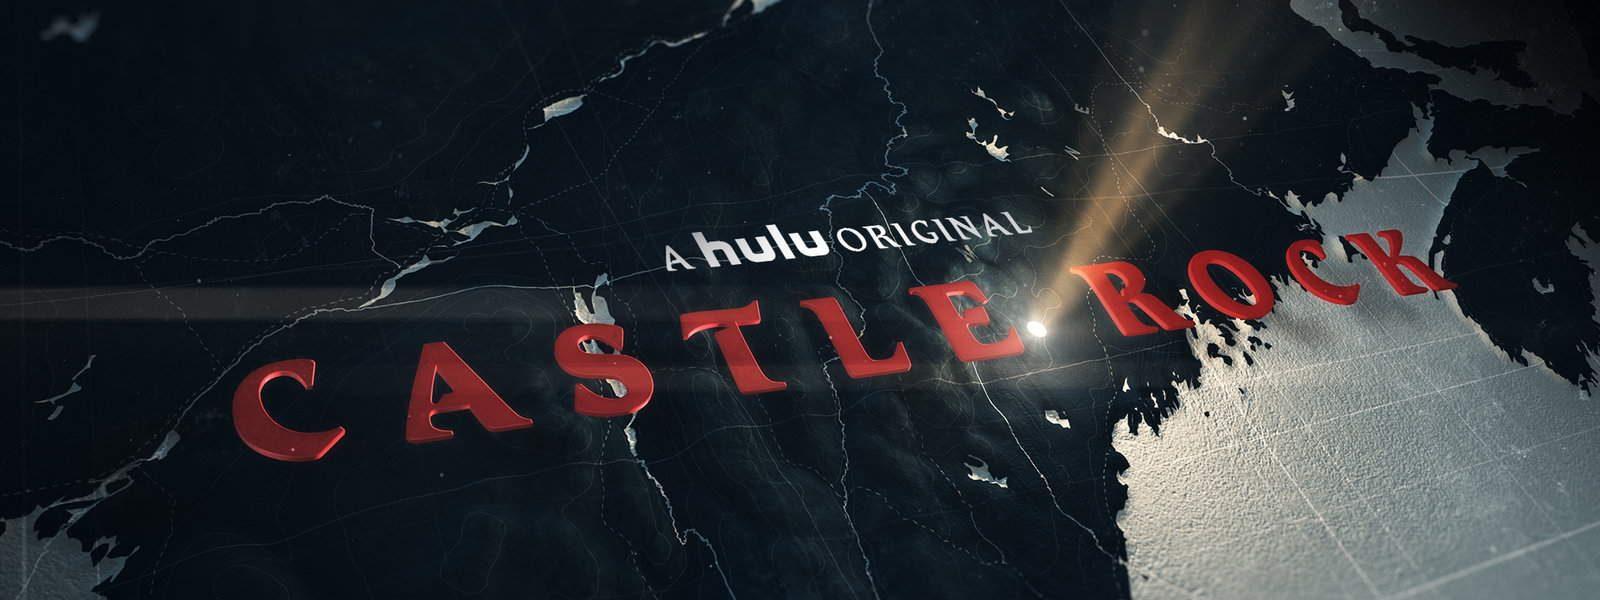 Castle-Rock-Logo-Hulu